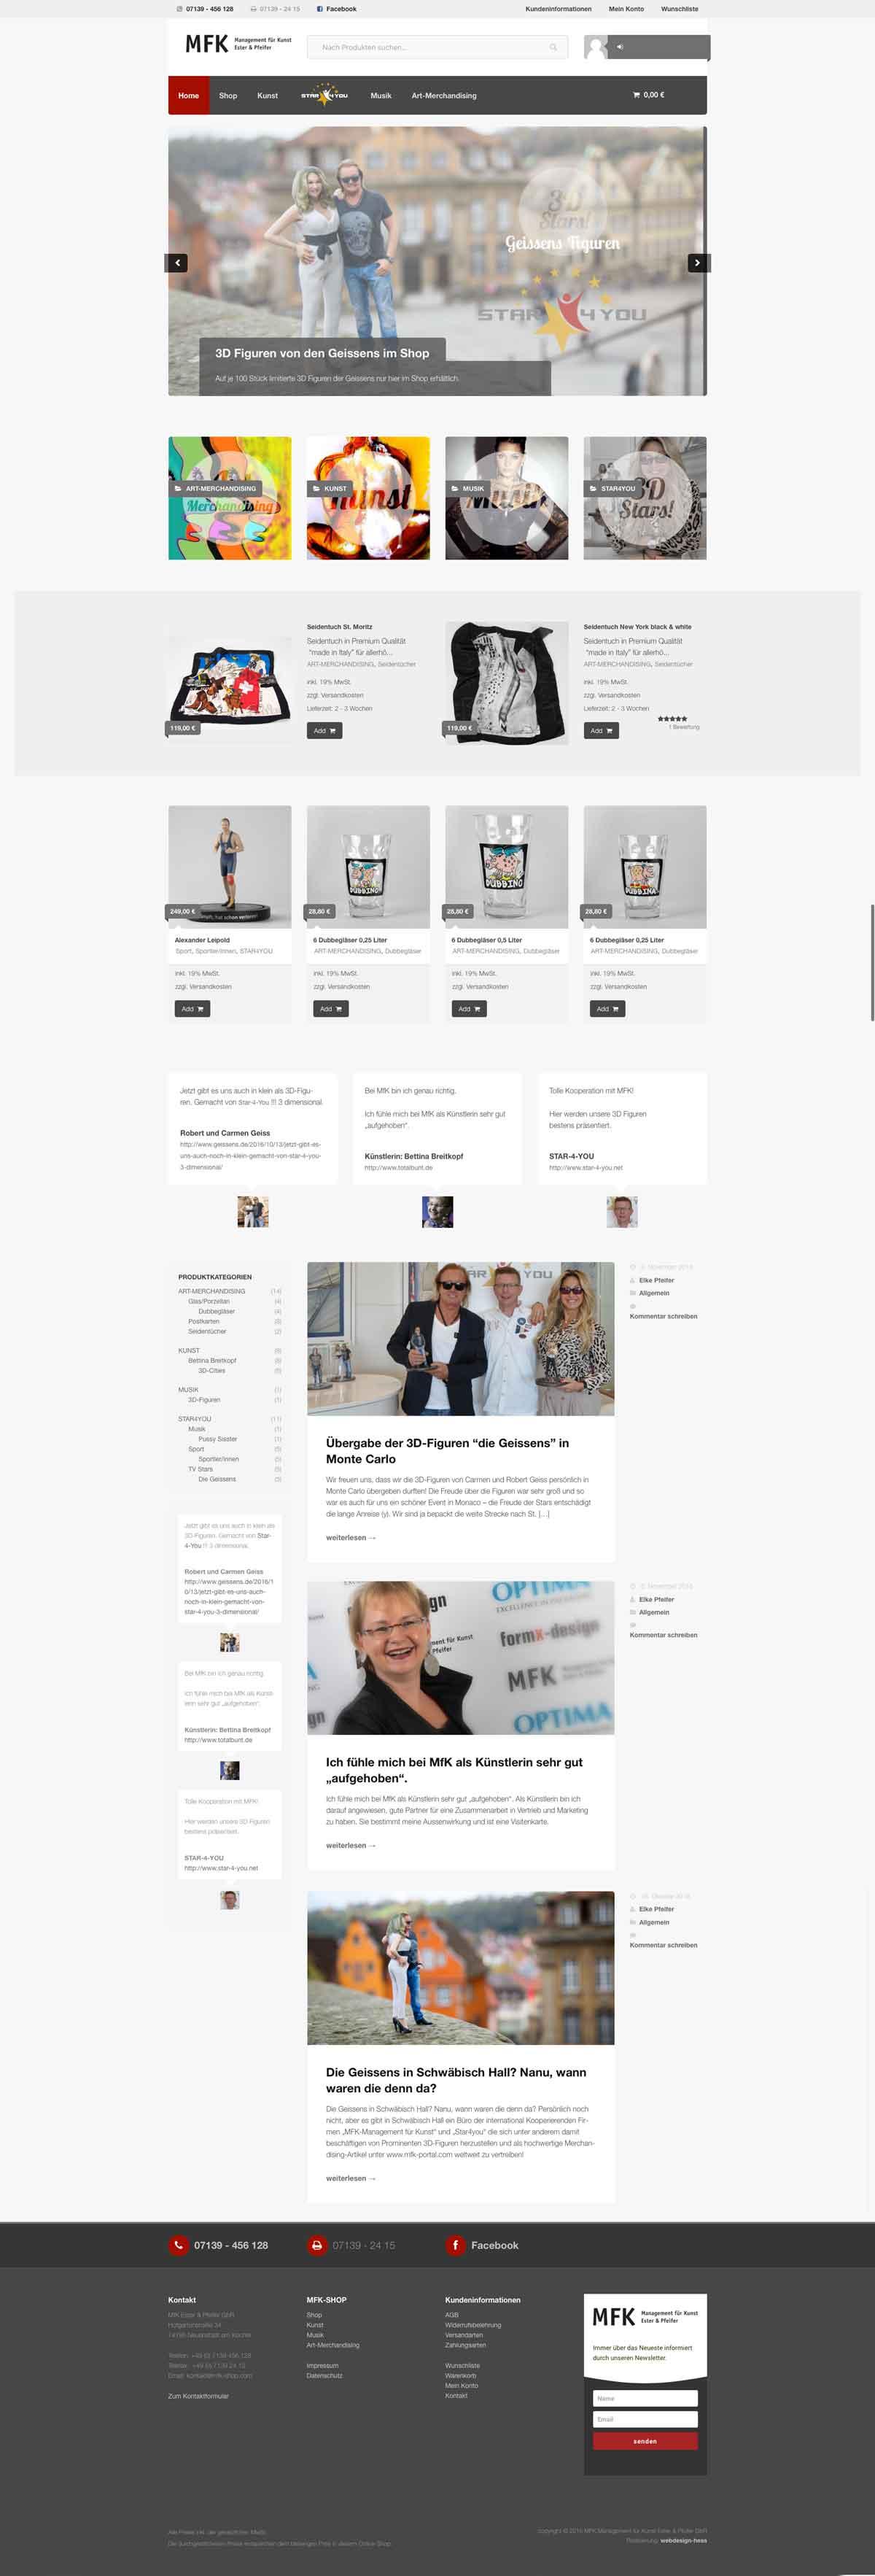 Startseite MFK-SHOP.com